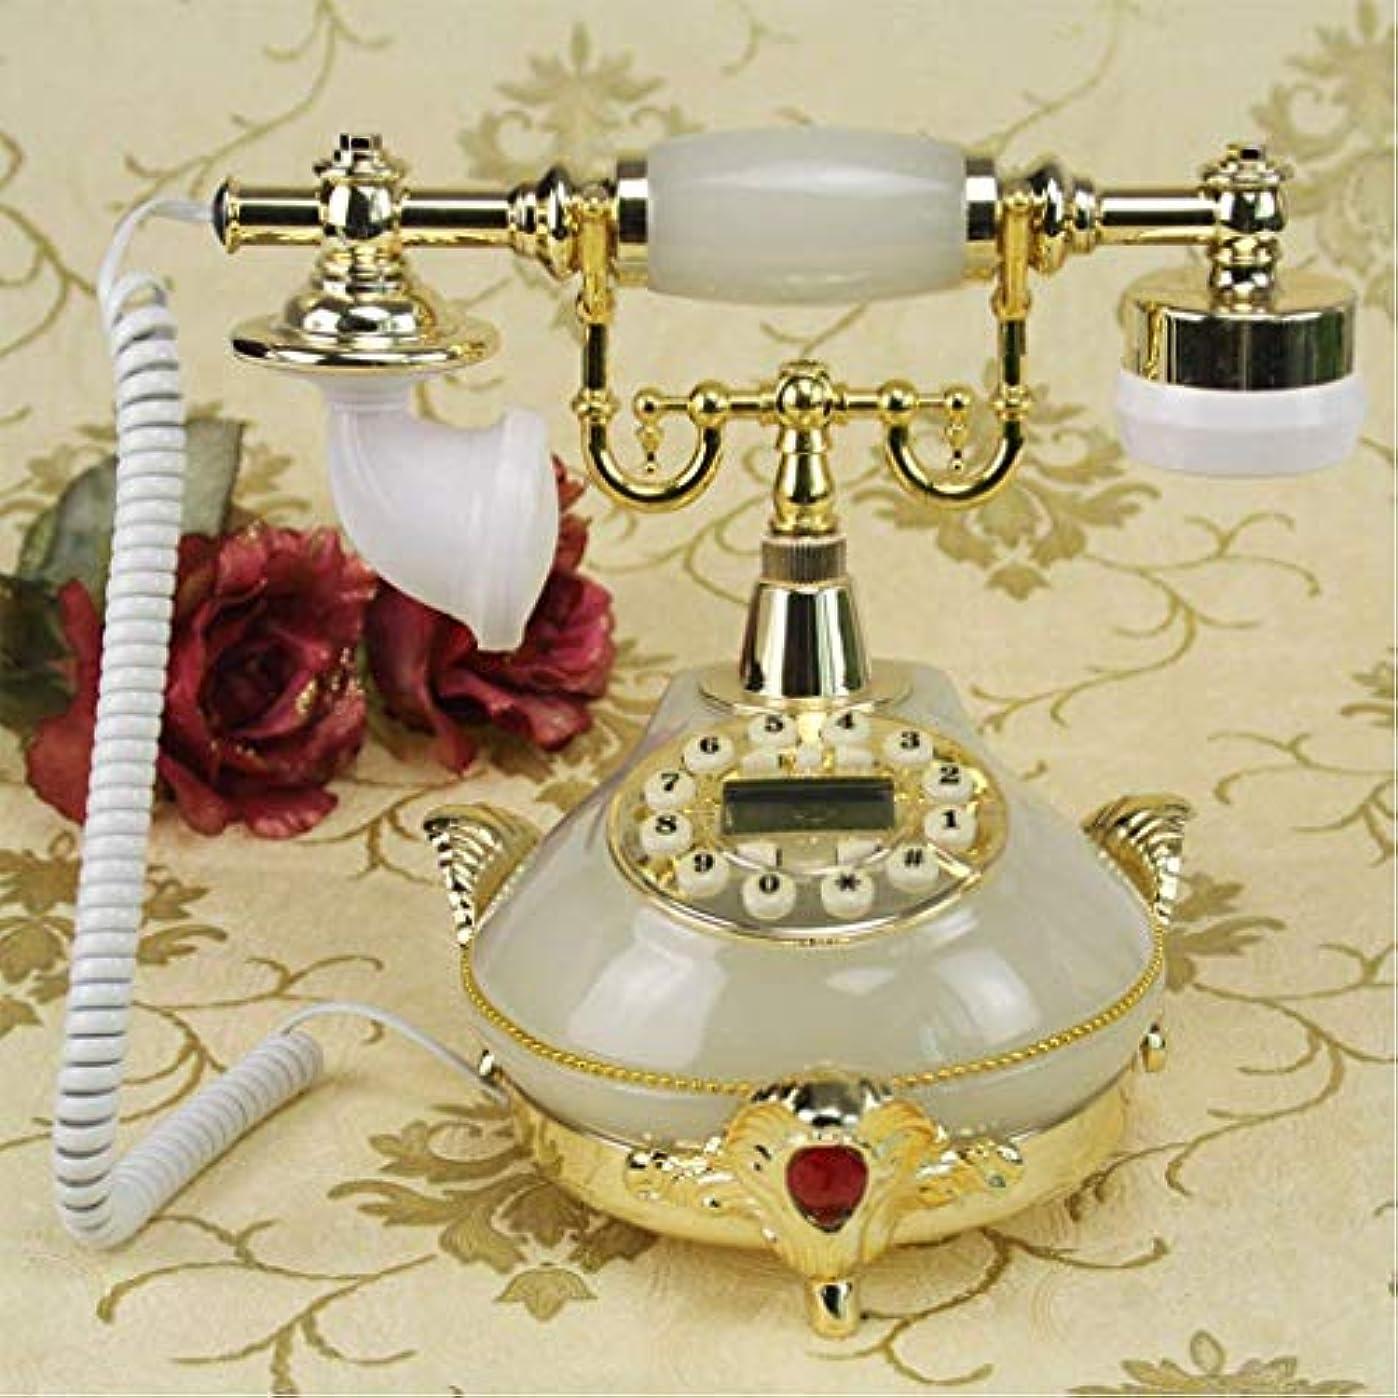 こどもセンターライター単にL.TSA Retro Telephone Fixed Landline Resin/metal/caller idetification/Handsfree/ringtones/One-time redialI